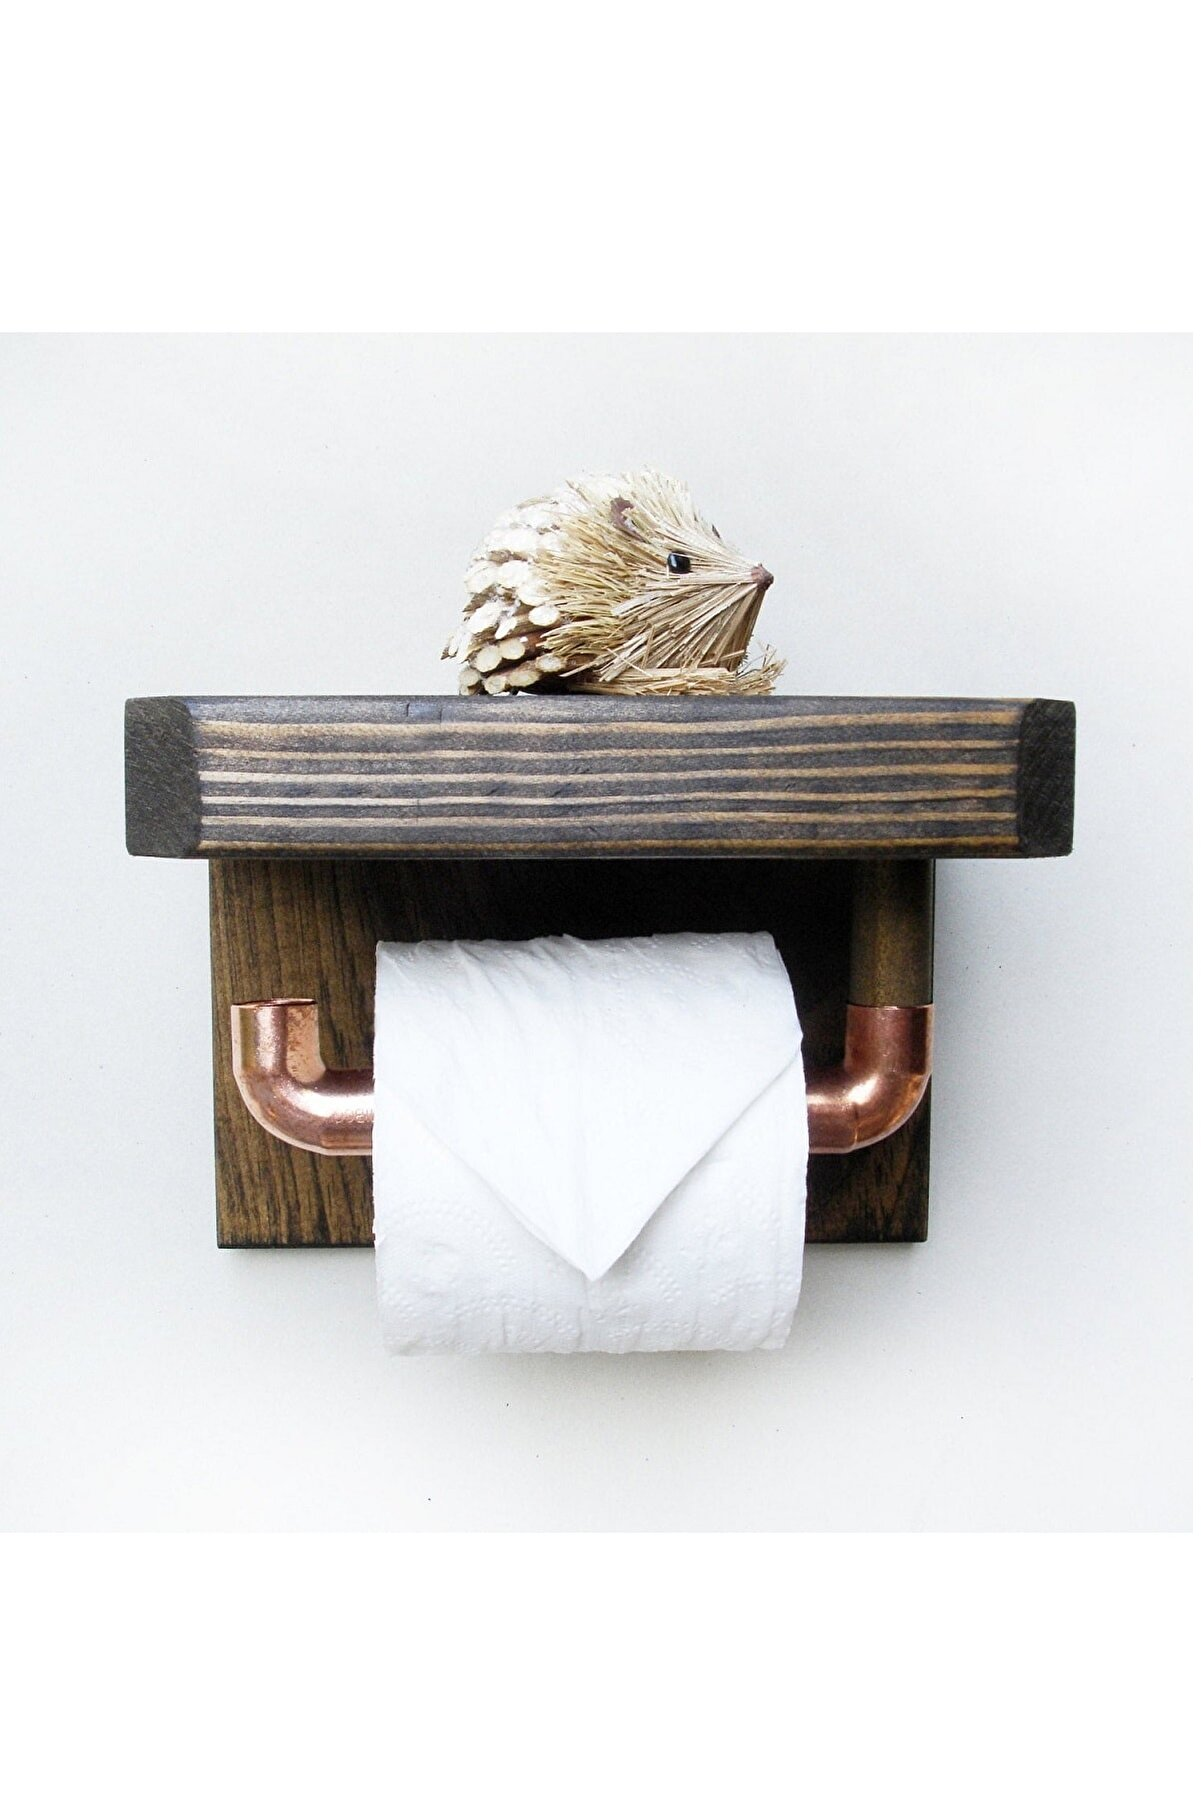 WOODENSA Ahşap Rustic Tuvalet Kağıtlığı WC